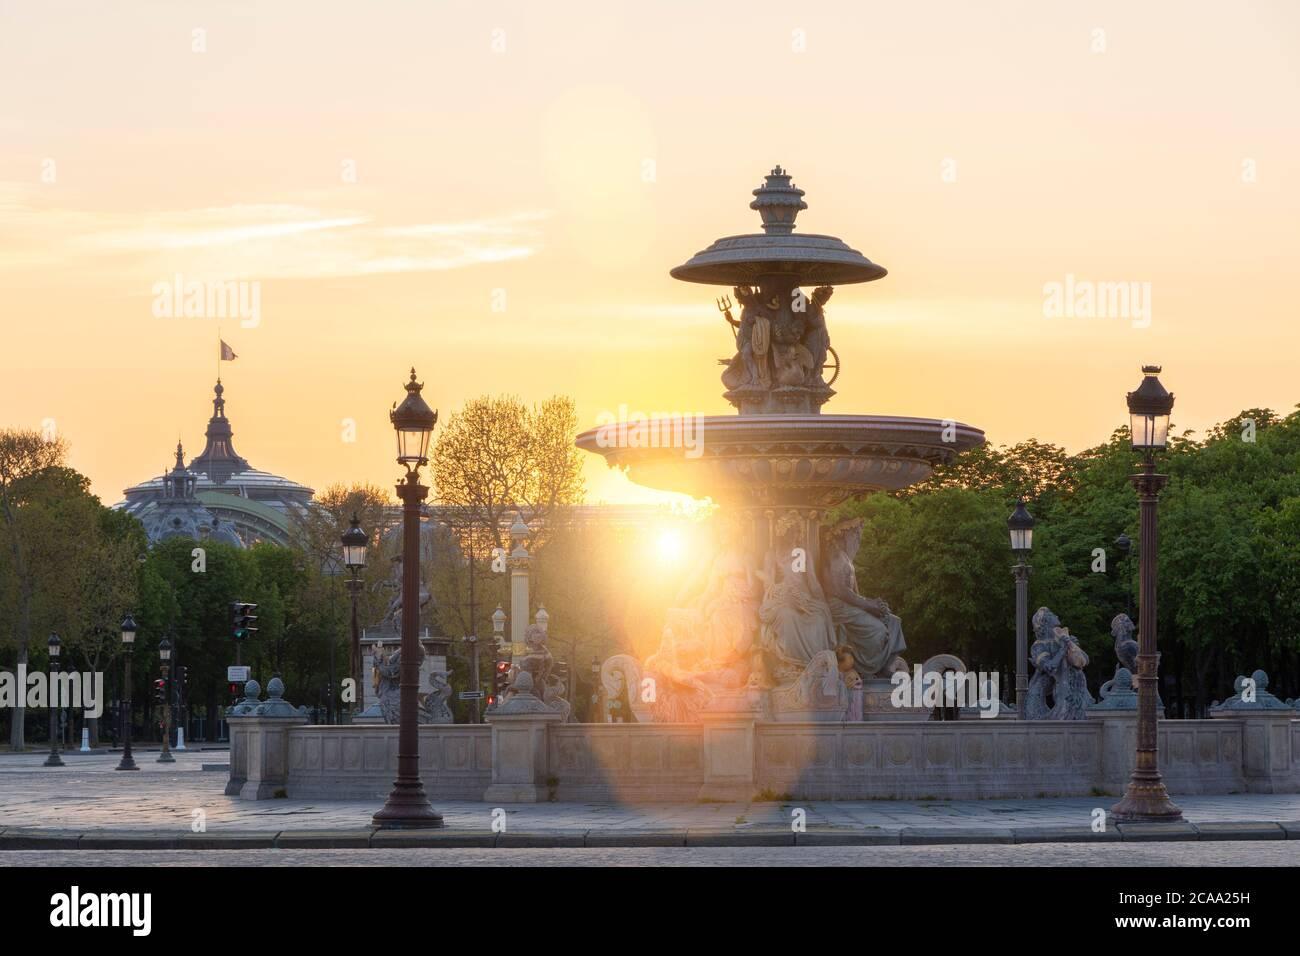 Plaza de la concordia al atardecer, París Foto de stock